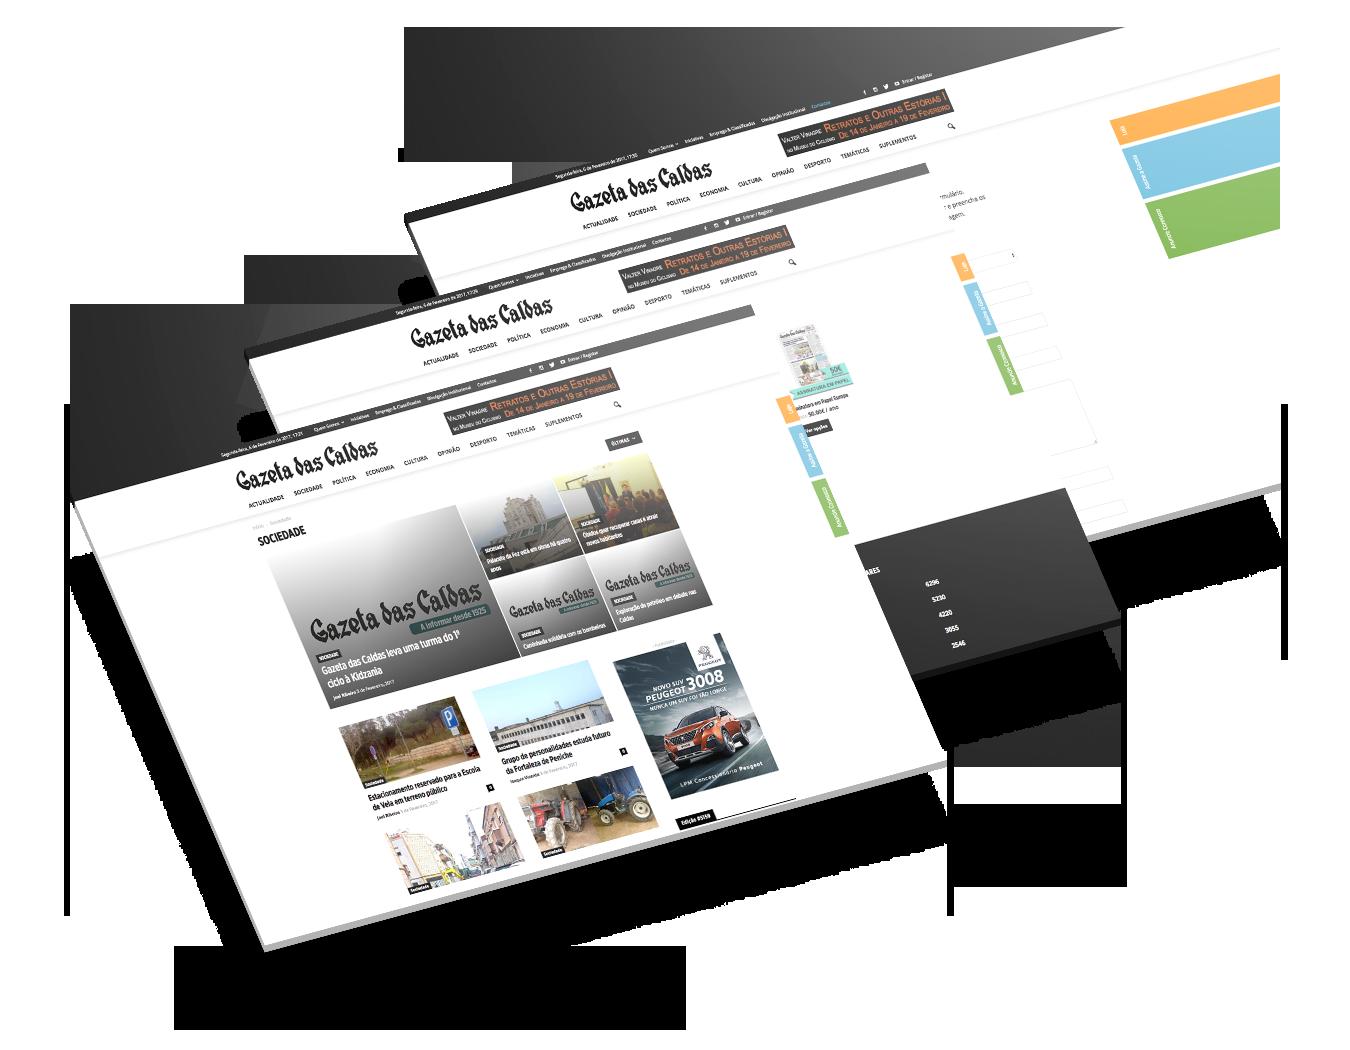 gazeta-das-caldas-paginas-website-3d